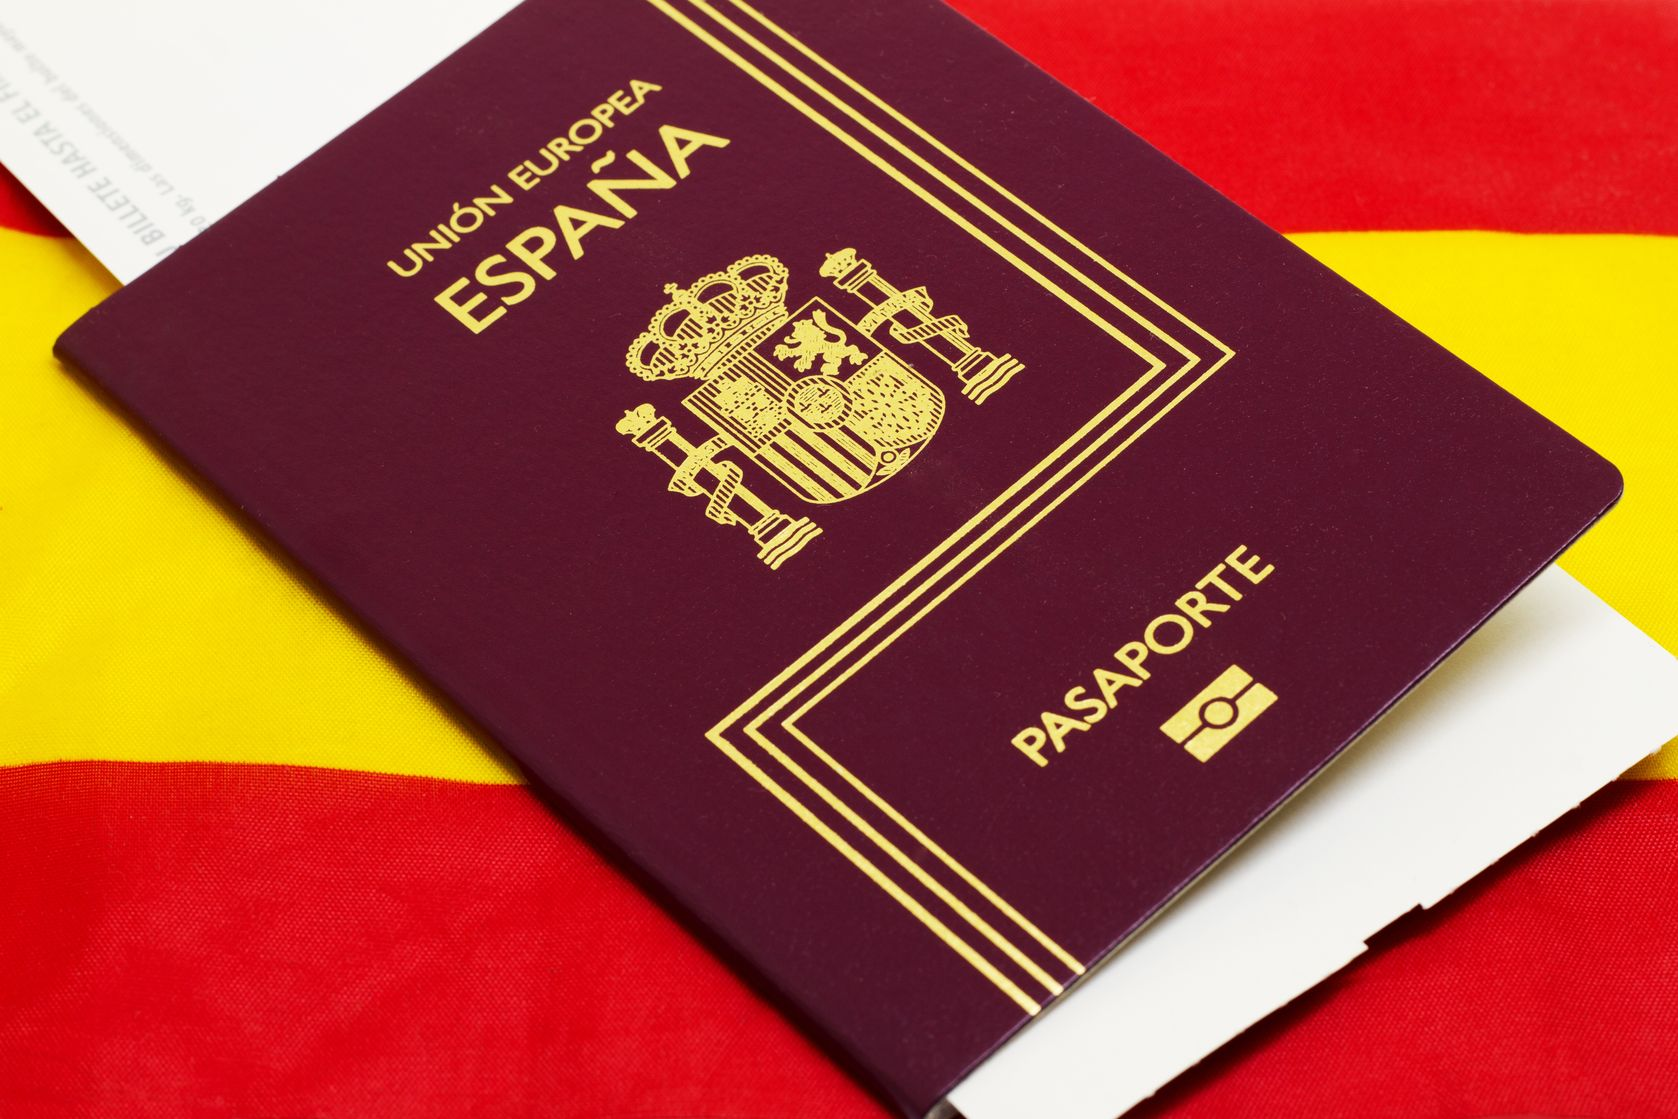 Испанский паспорт вошёл в тройку самых «сильных» в мире